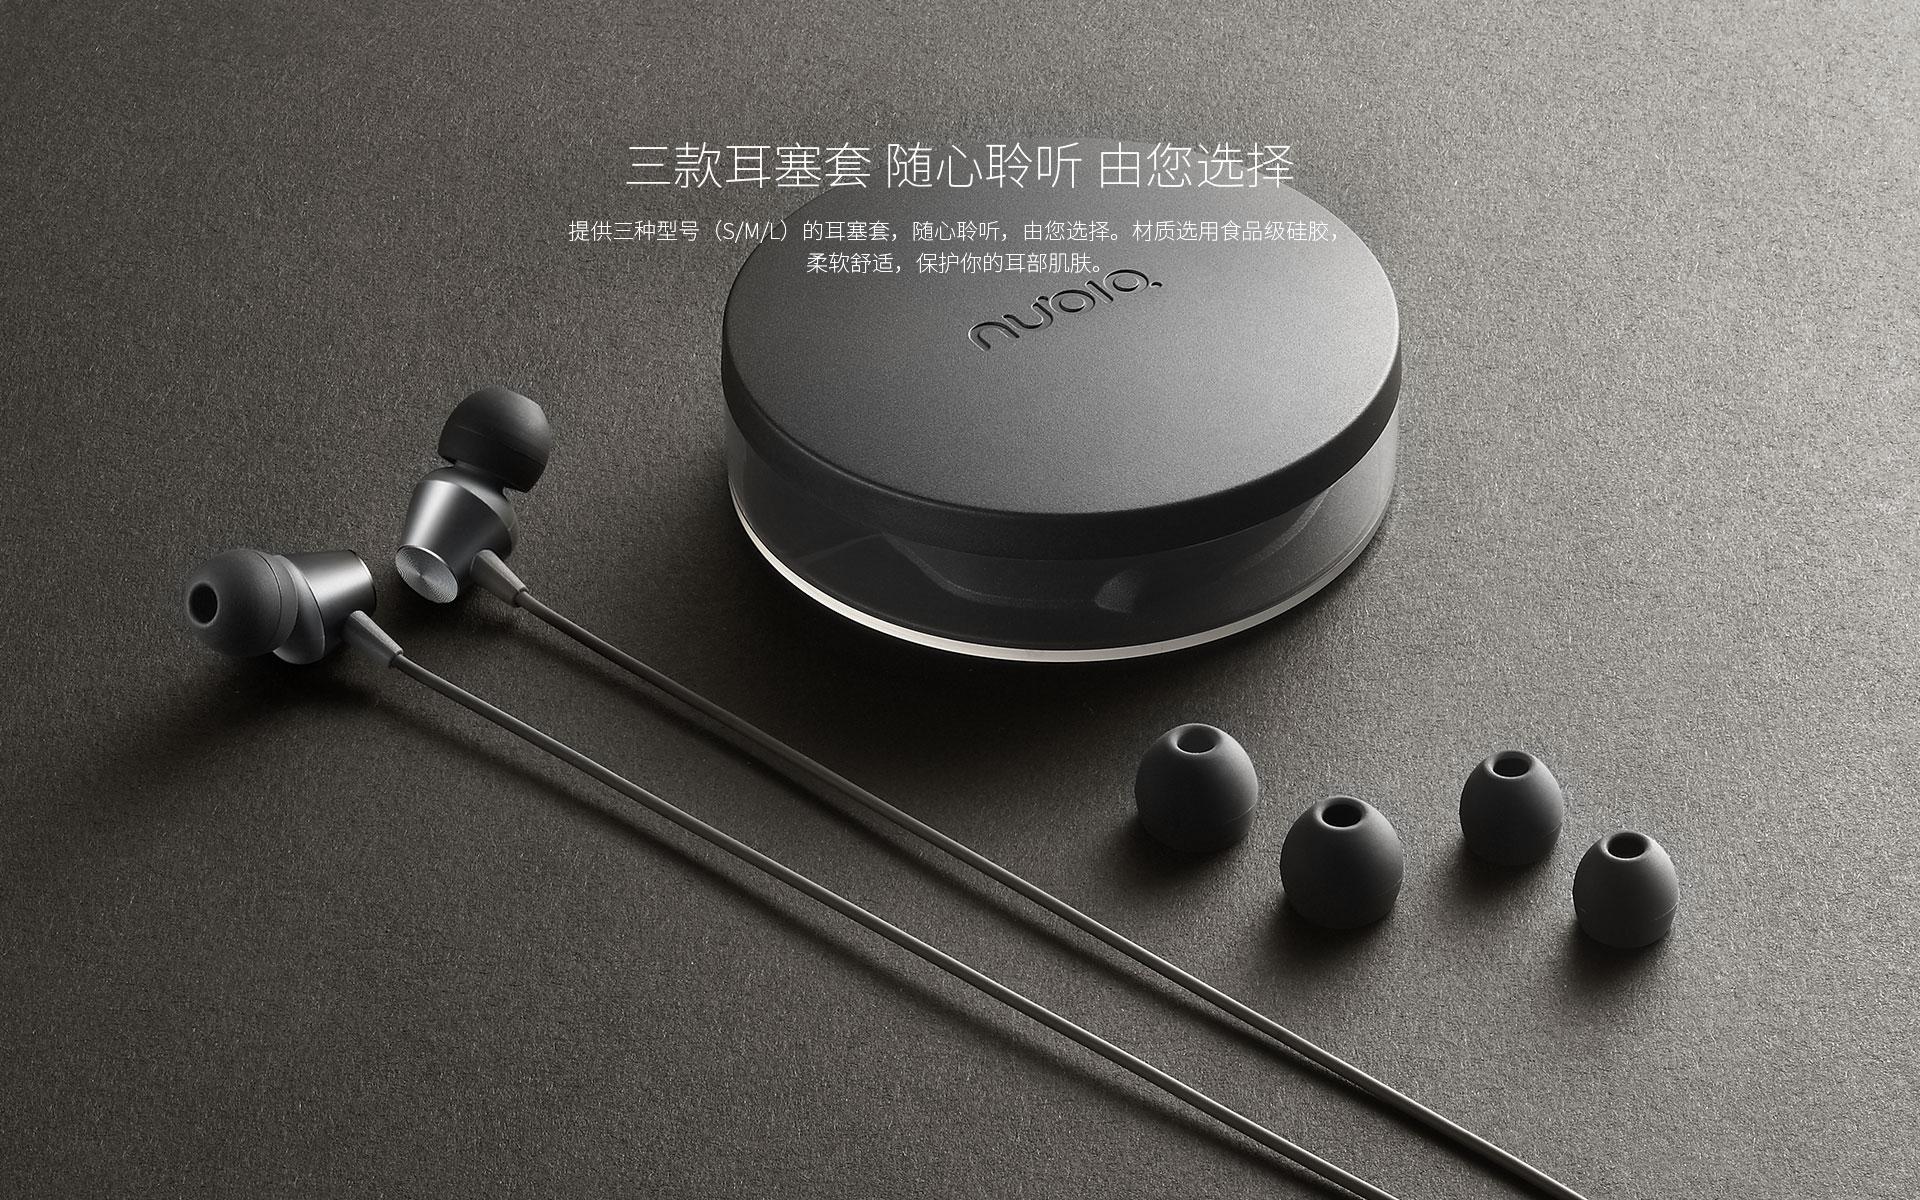 努比亚律音耳机